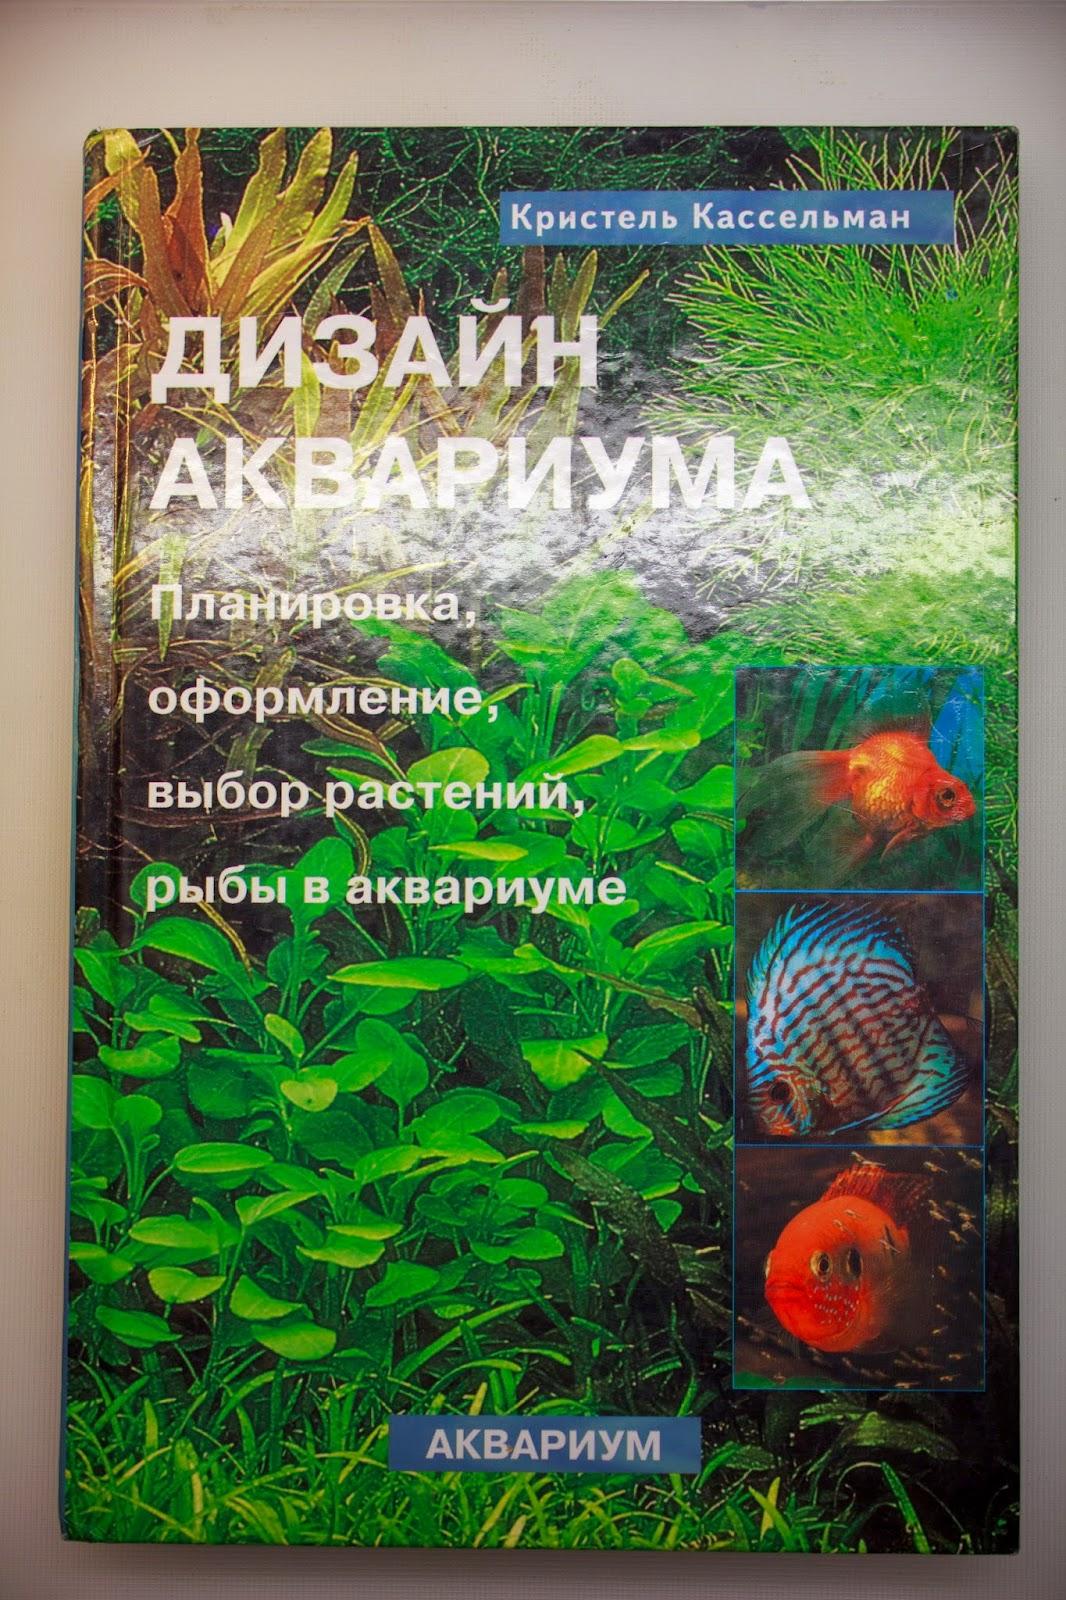 Книга кассельмана мир эхинодорусов